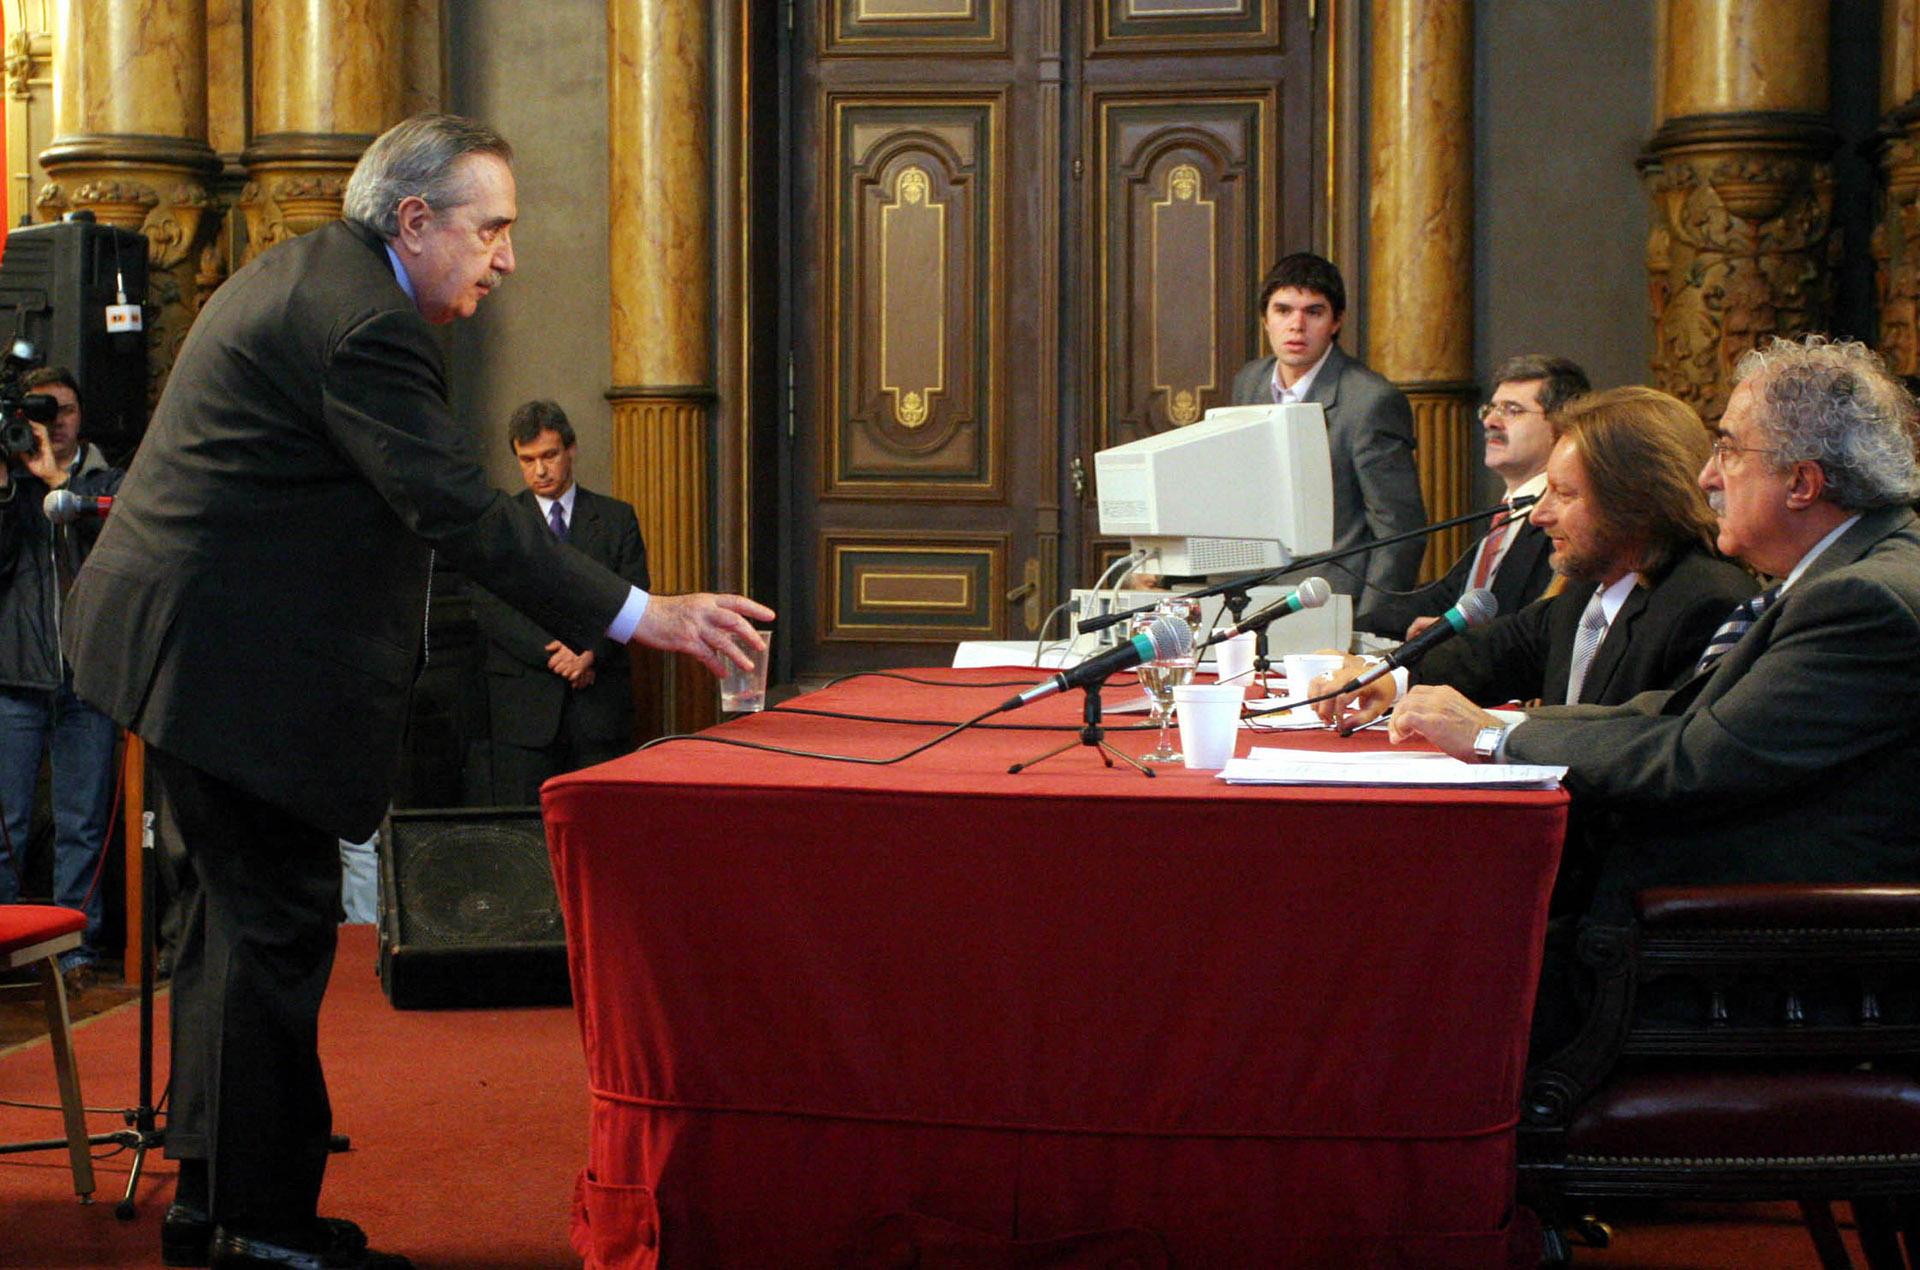 El ex presidentedeclaró en un juiciocontra elex comisario Miguel Etchecolatz por violación a los derechos humanos